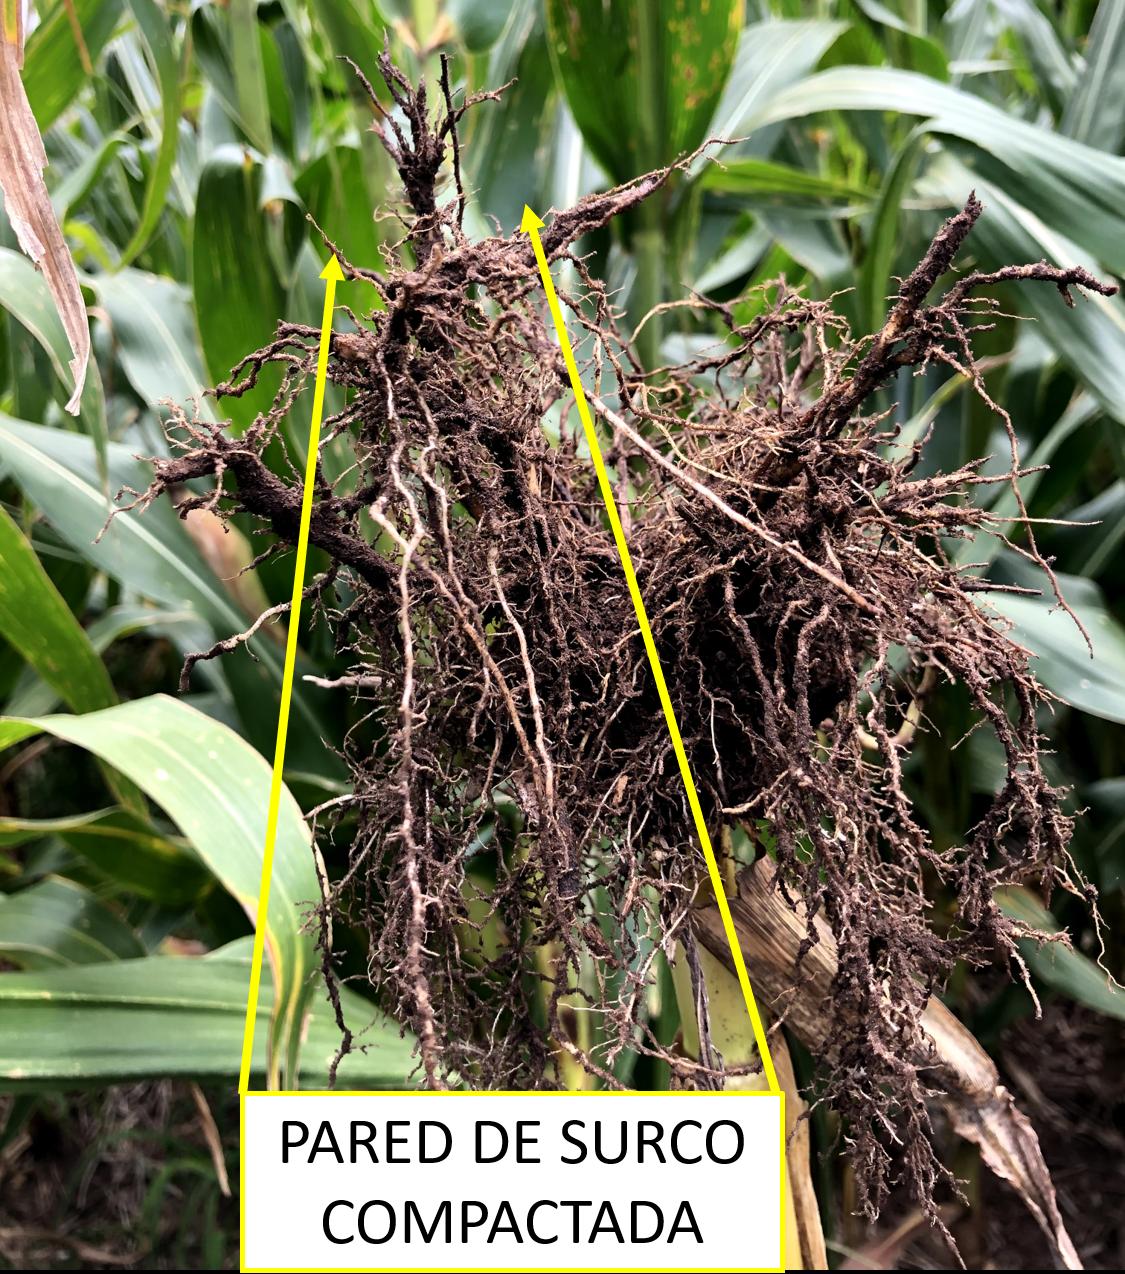 Compactación en raíces por exceso de presión sobre las paredes del surco. Estado avanzado de cultivo.